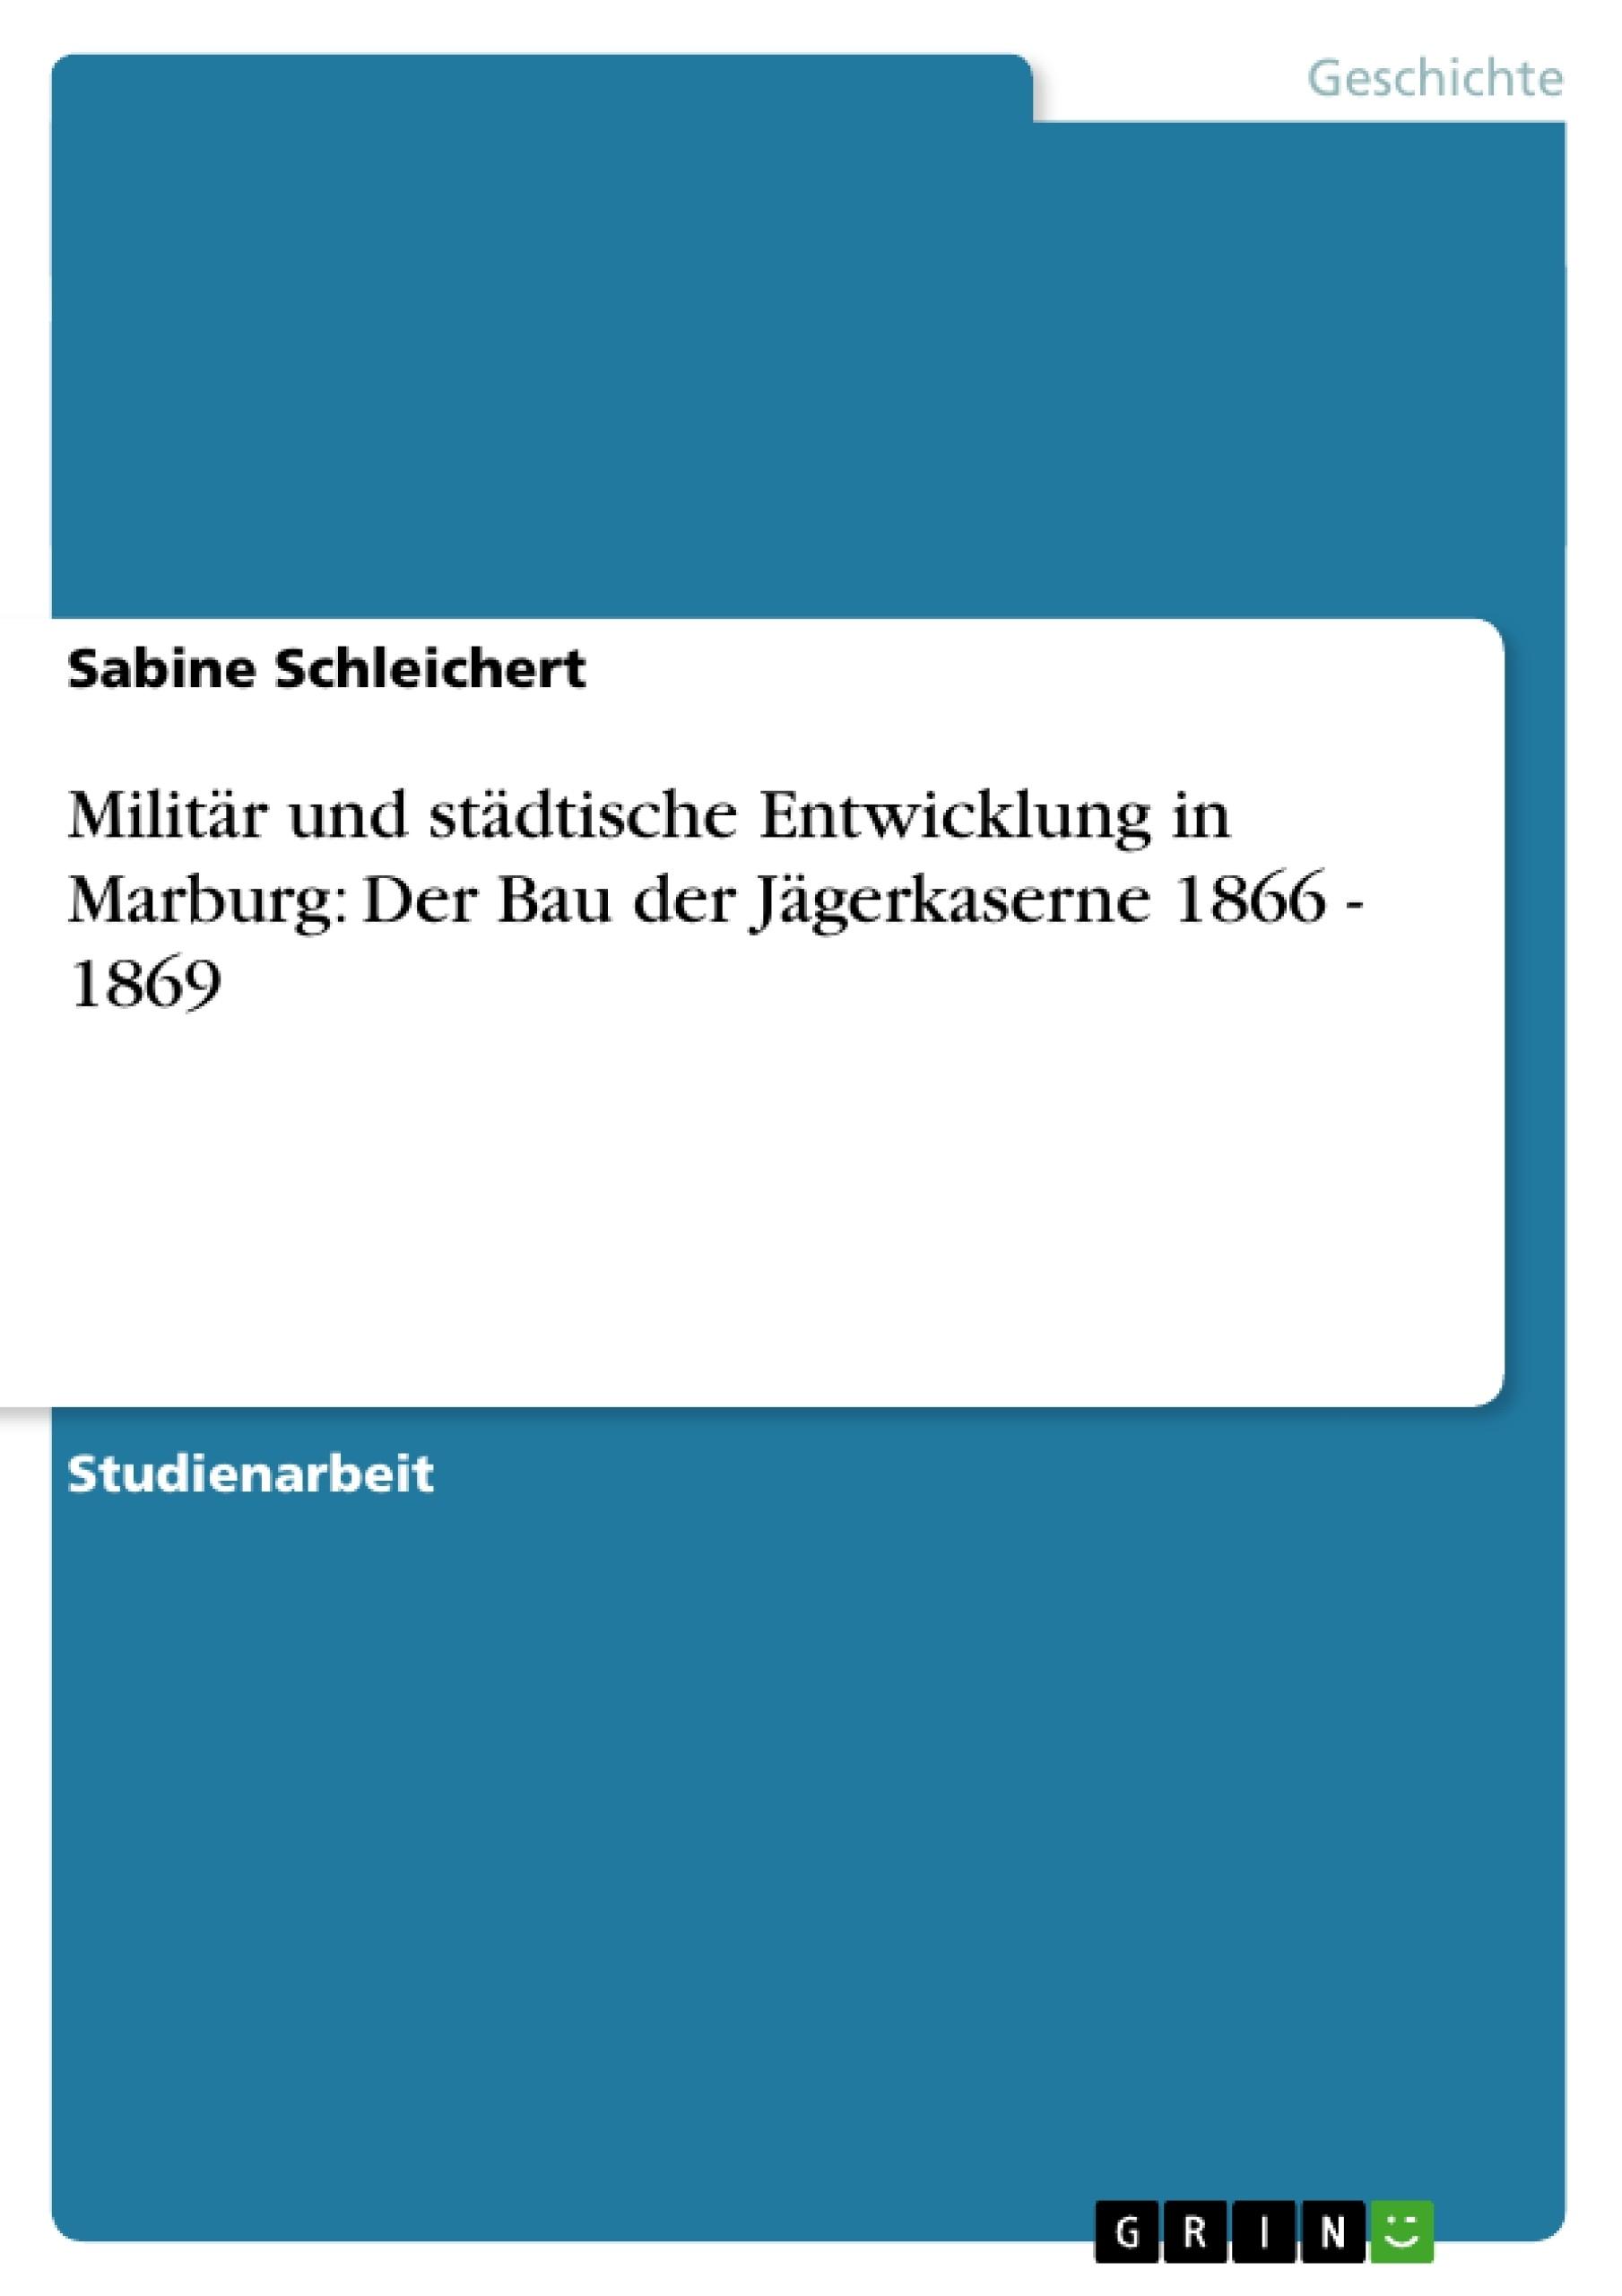 Titel: Militär und städtische Entwicklung in Marburg: Der Bau der Jägerkaserne 1866 - 1869